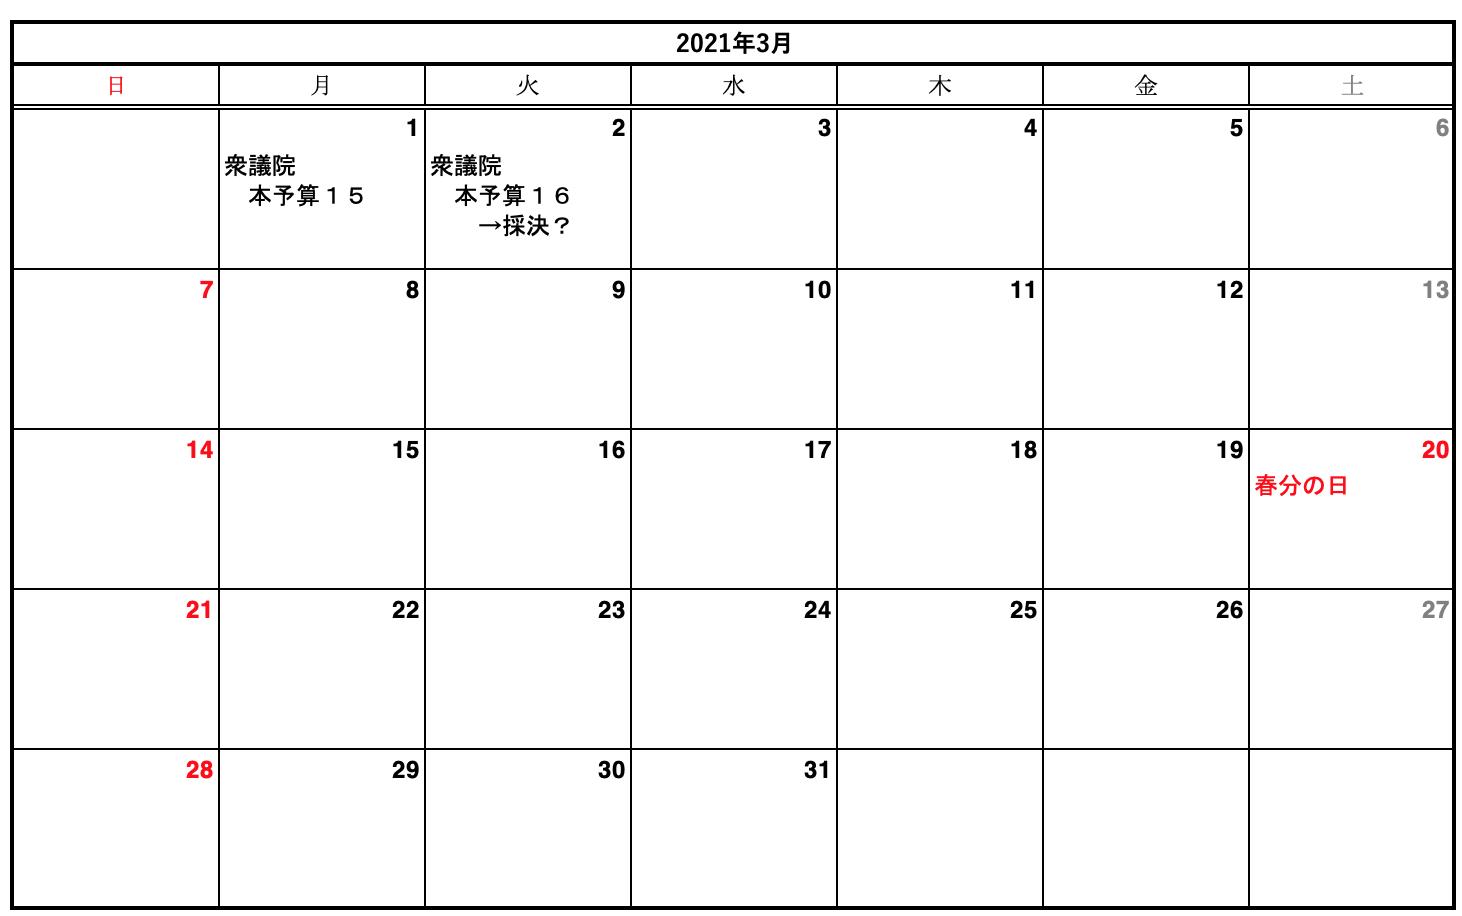 2021通常国会3月予想(予算案衆議院通過まで)